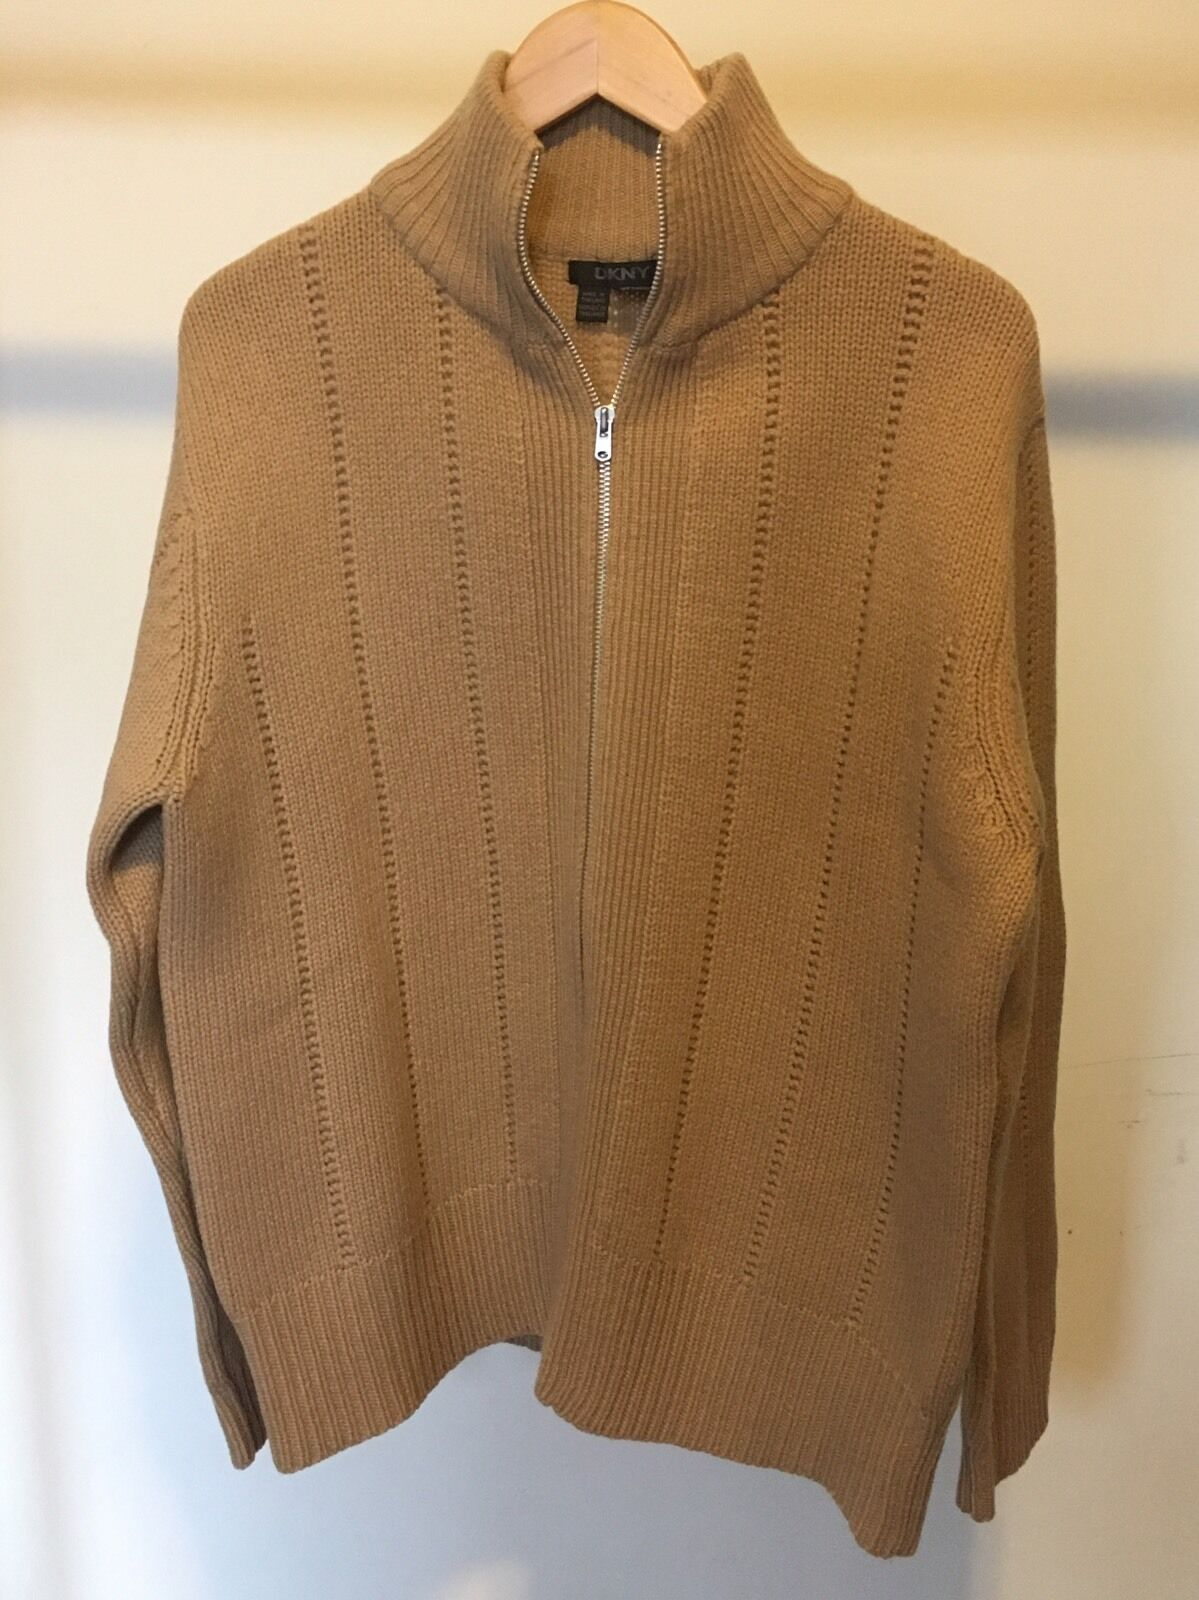 DKNY Men's Camel Lambswool Sweater